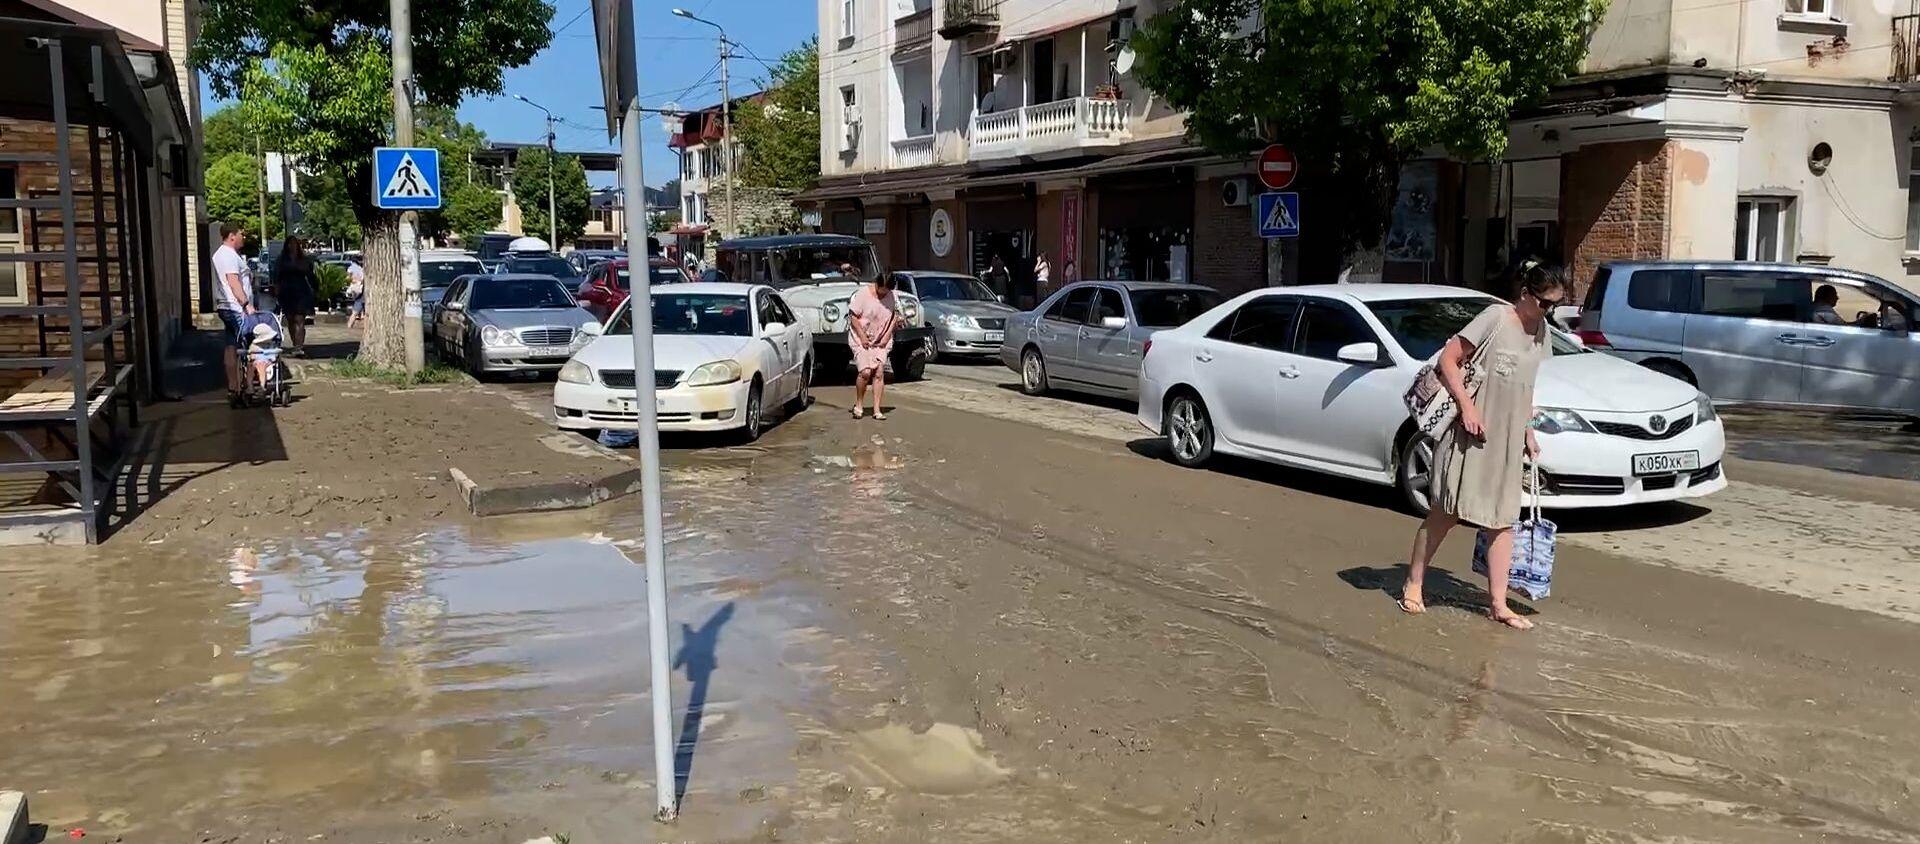 Последствия потопа в Сухуме - Sputnik Абхазия, 1920, 16.08.2021